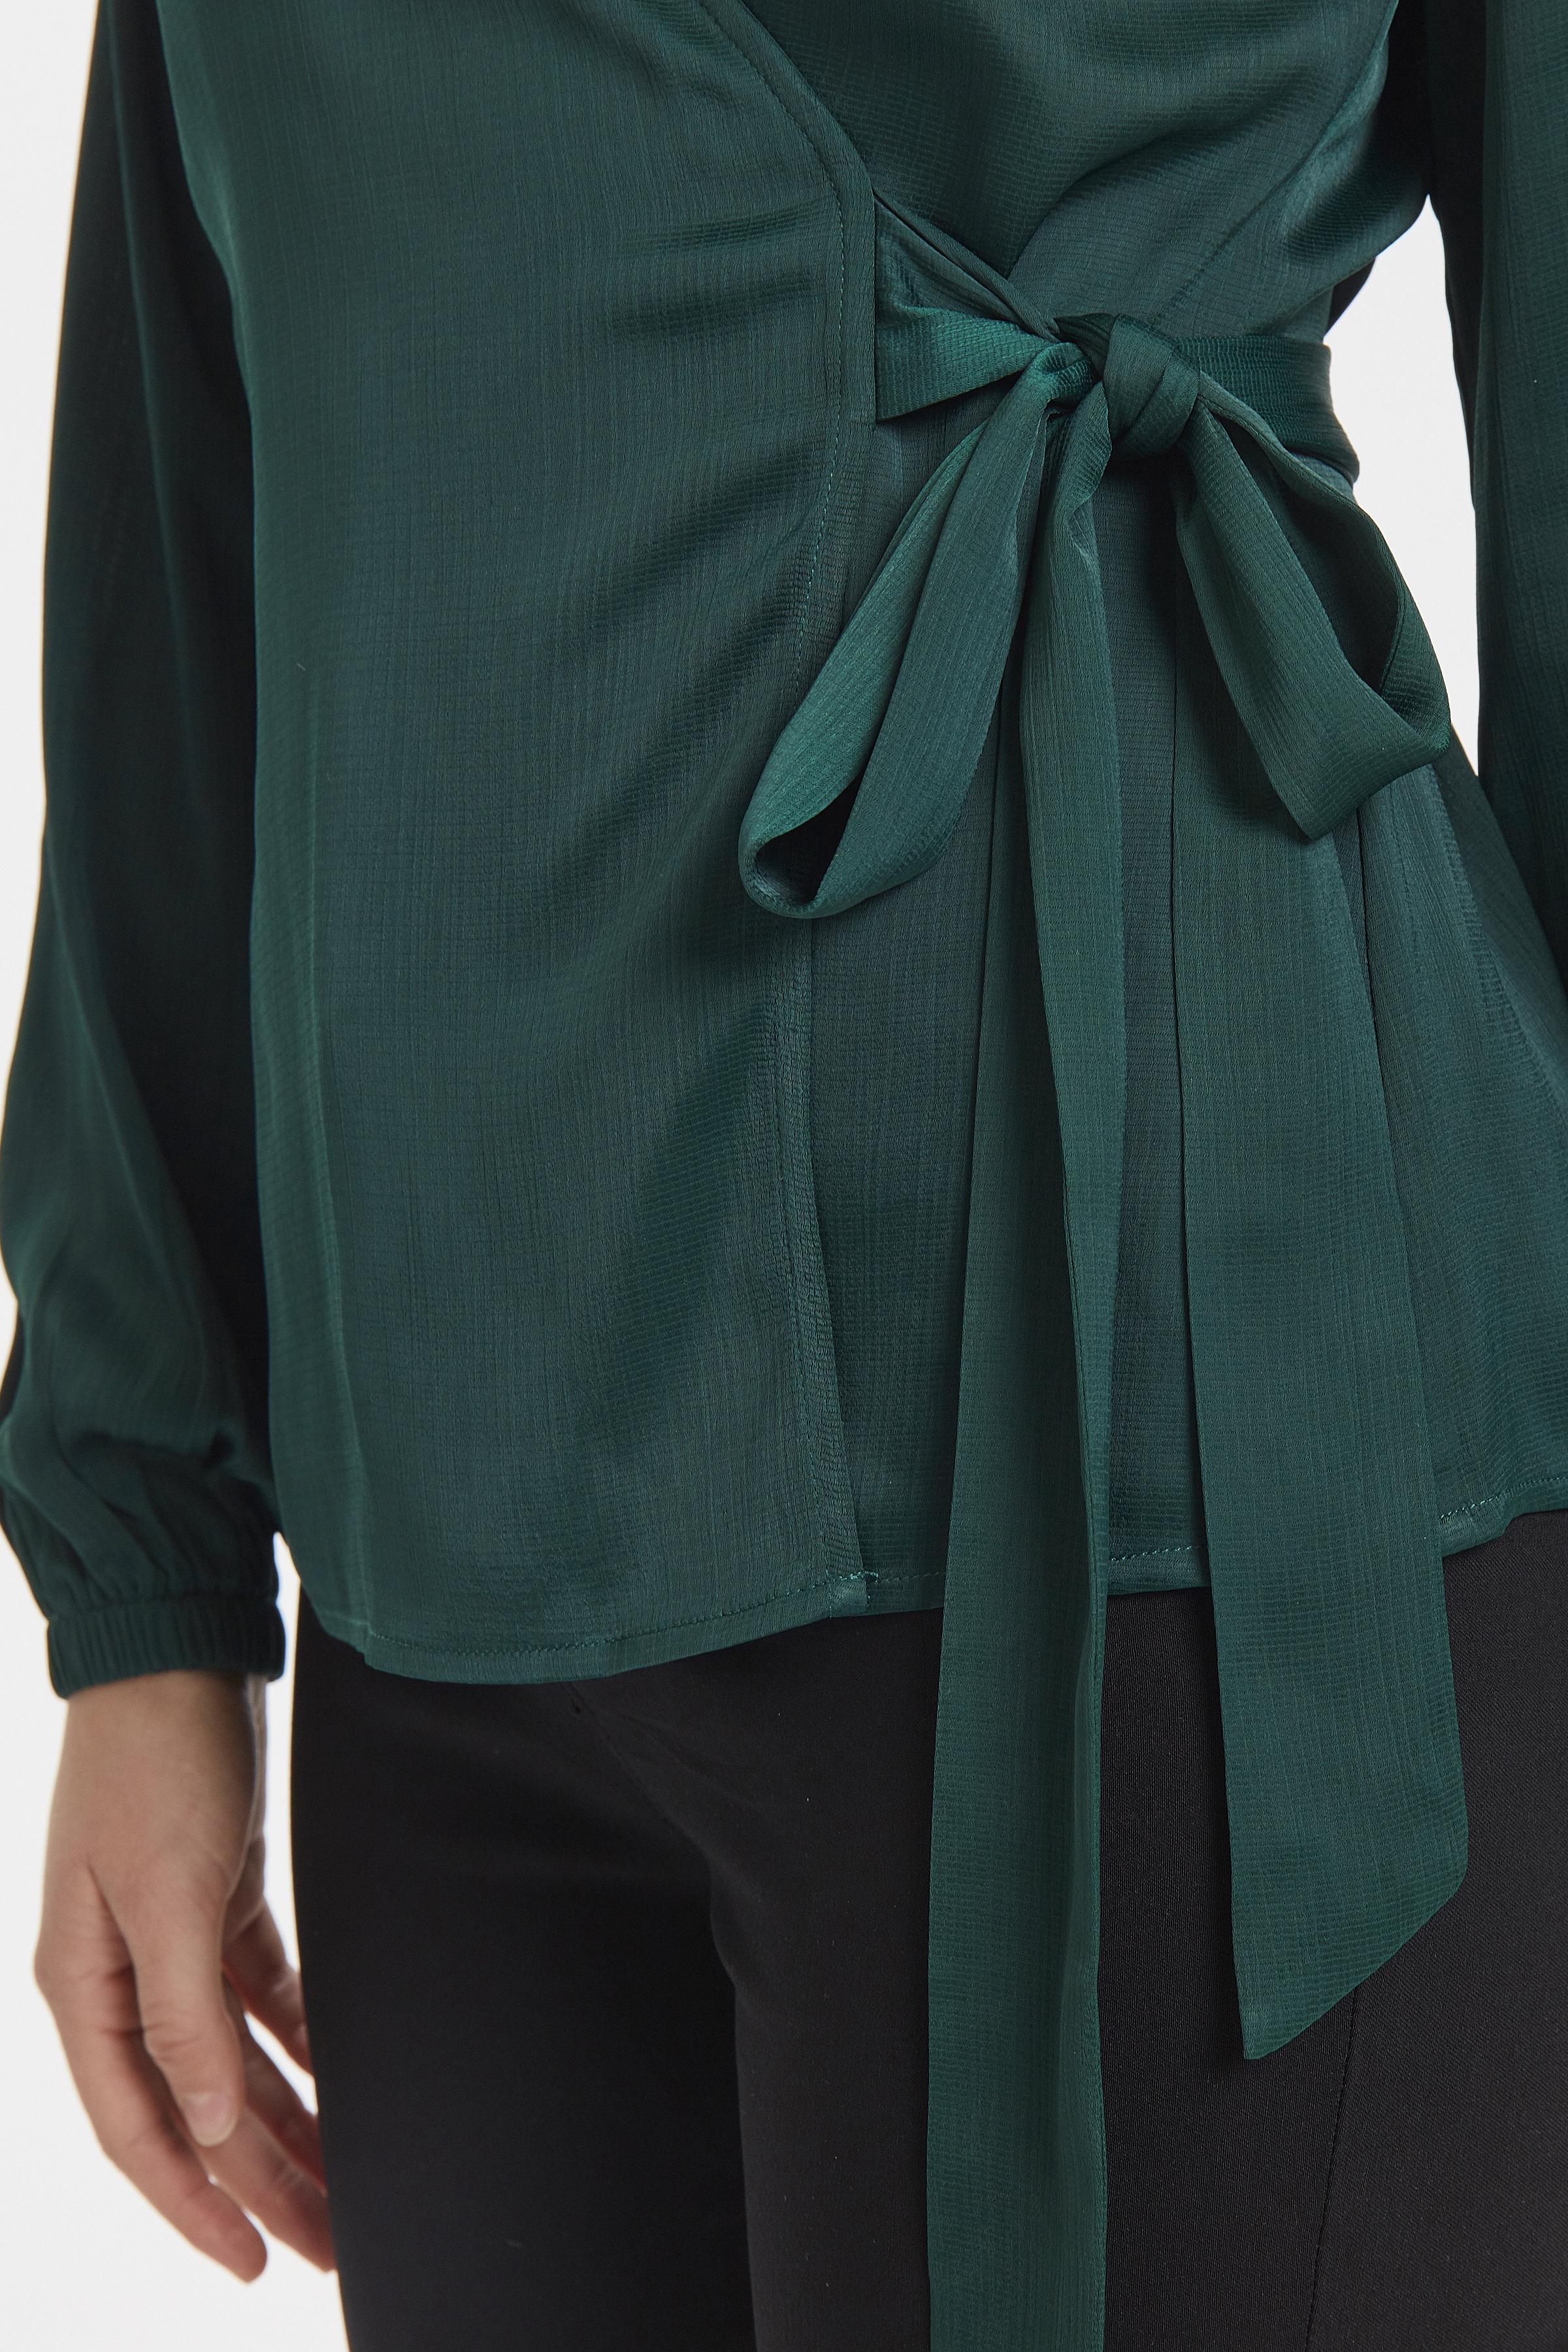 Majestic Green Långärmad blus från b.young – Köp Majestic Green Långärmad blus från storlek 34-42 här